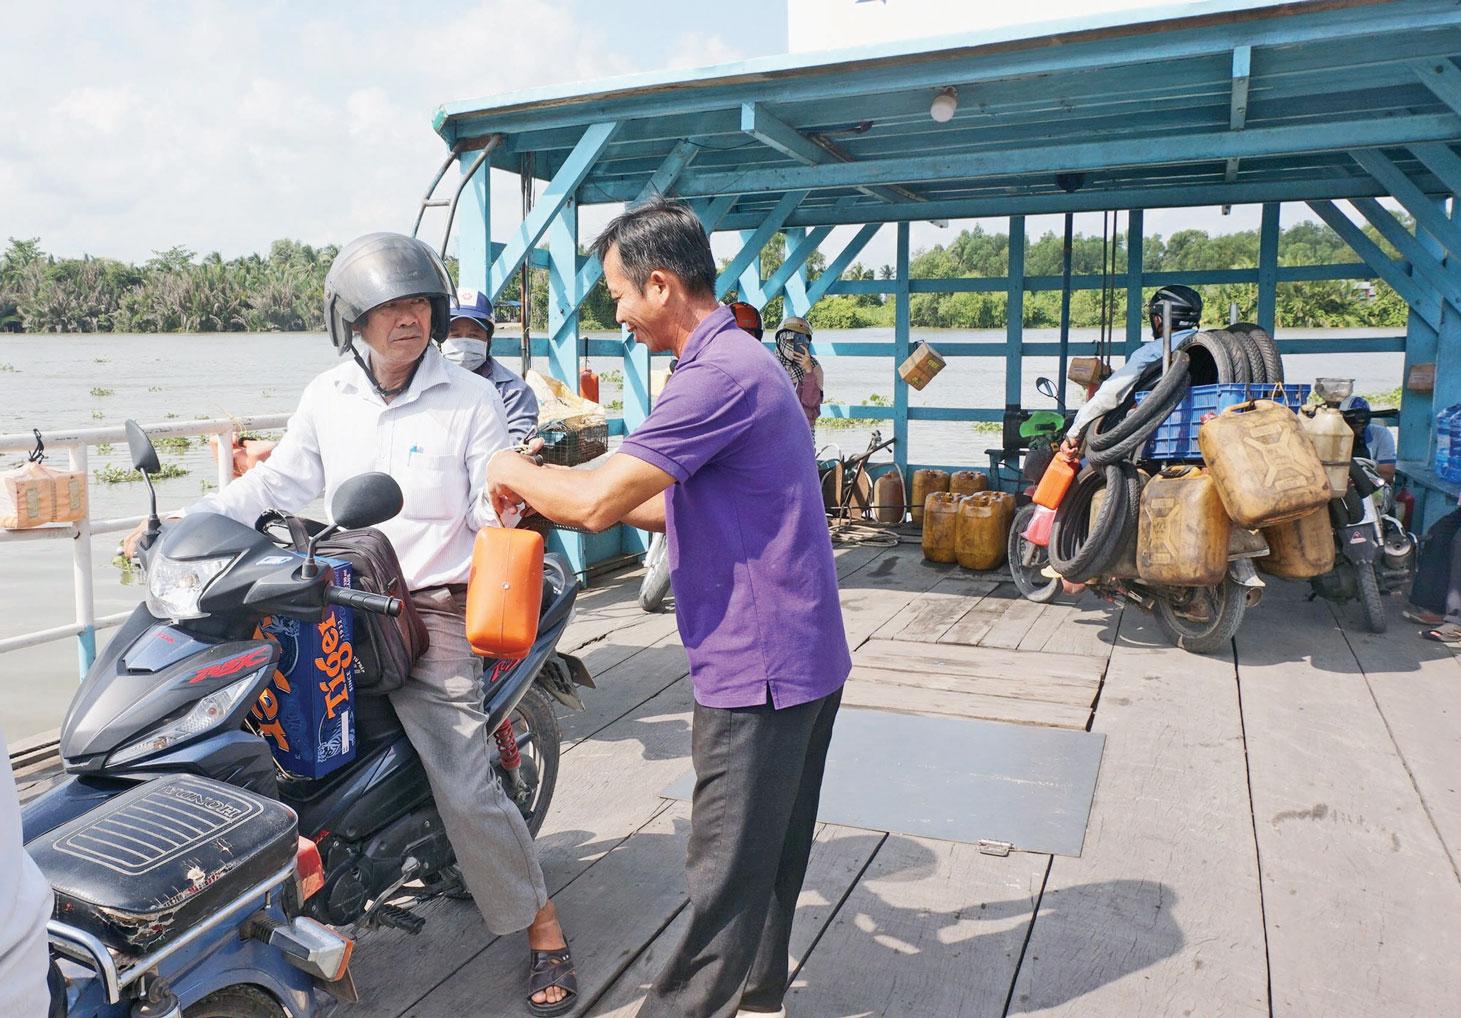 Thuyền trưởng Châu Bảo Đức nhắc nhở hành khách sử dụng dụng cụ cứu sinh cầm tay khi qua phà Vàm Thủ